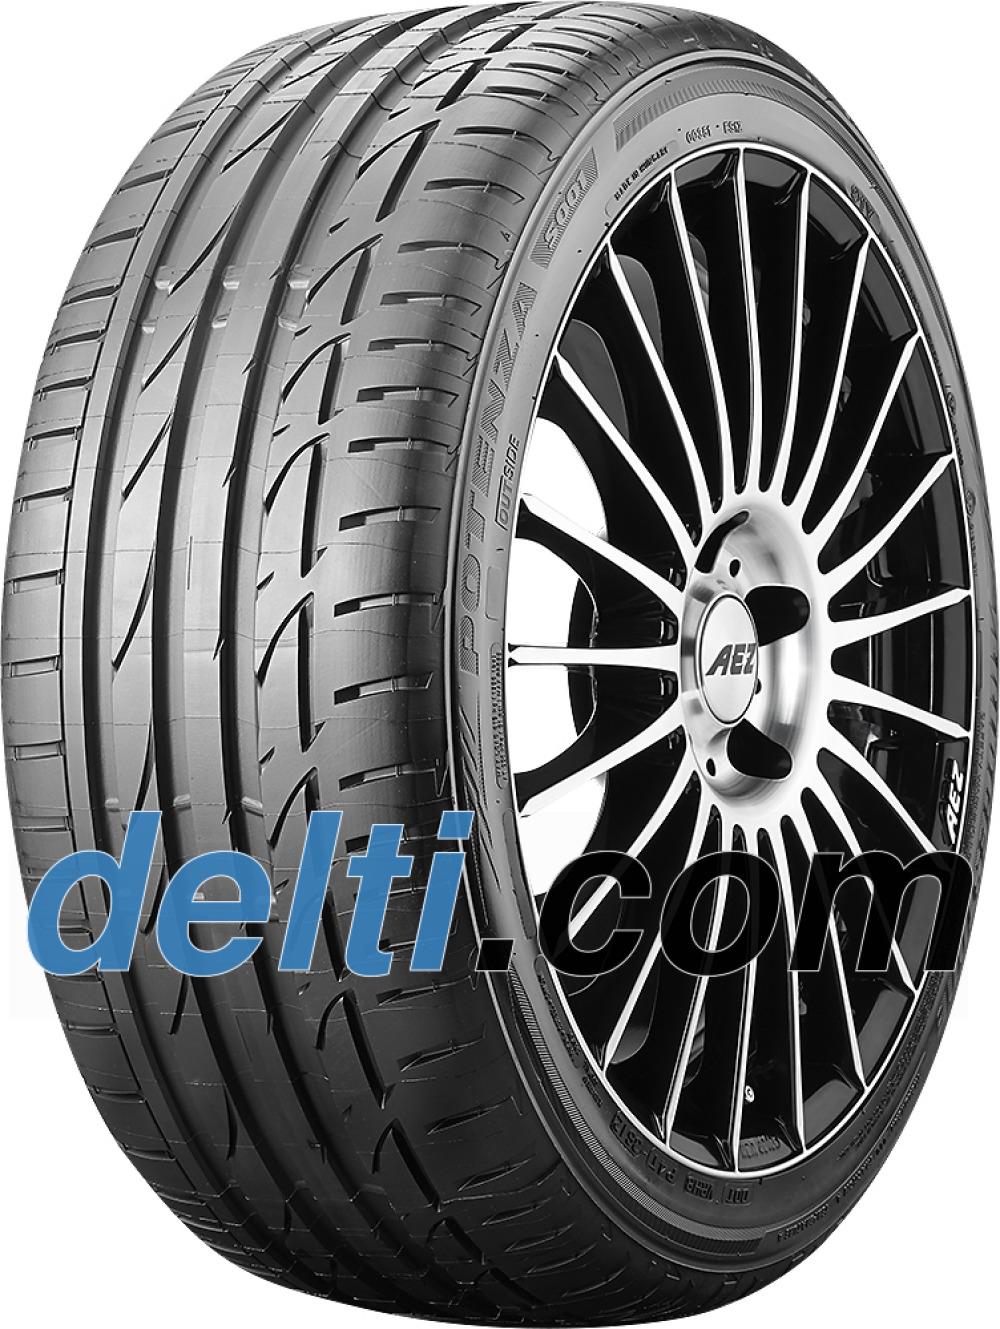 Bridgestone Potenza S001 ( 245/40 R20 99W XL *, mit Felgenschutz (MFS) )